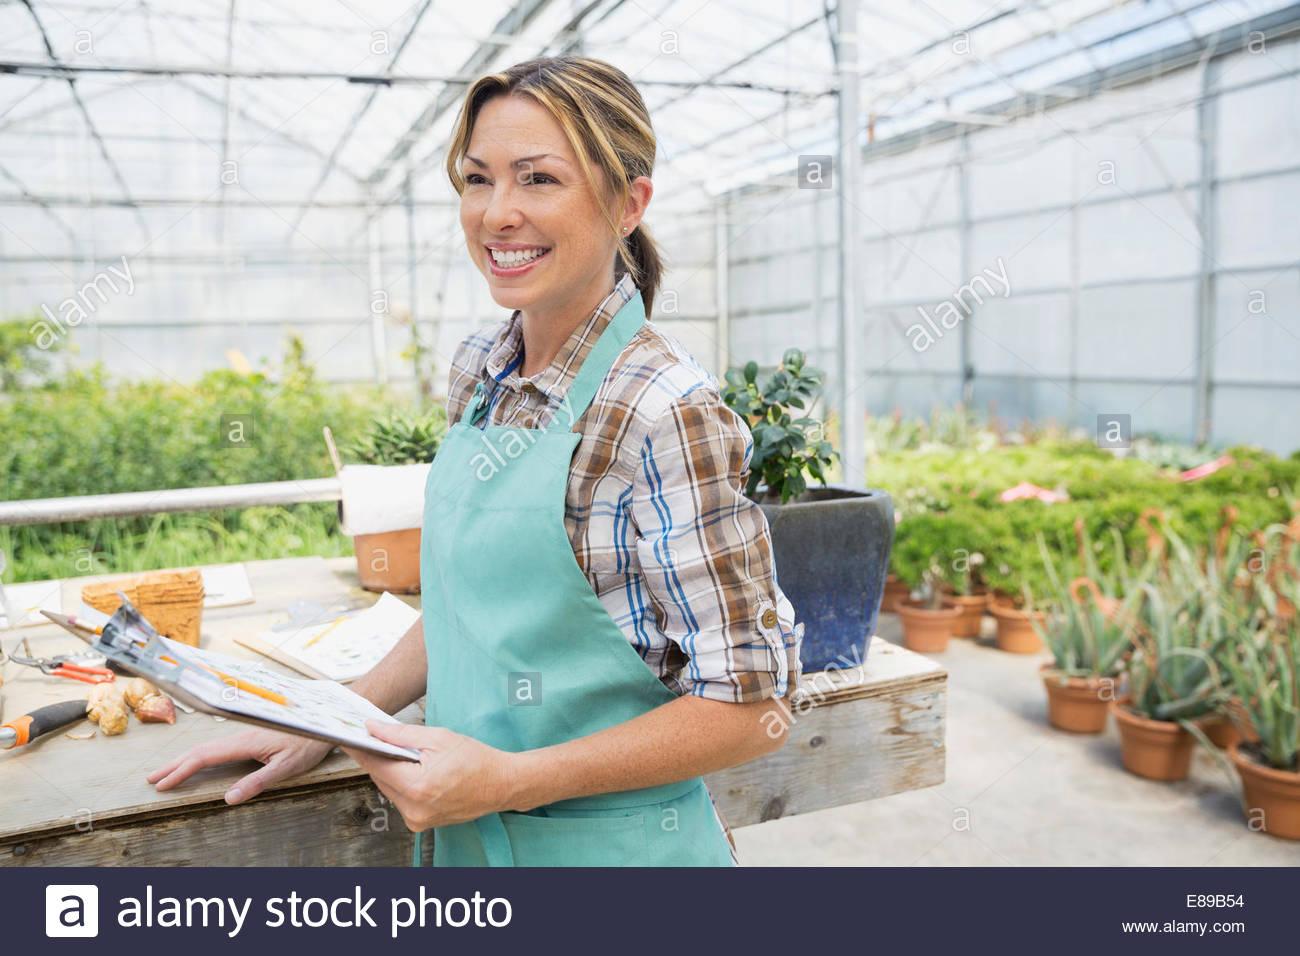 Lavoratore sorridente con appunti in serra Immagini Stock